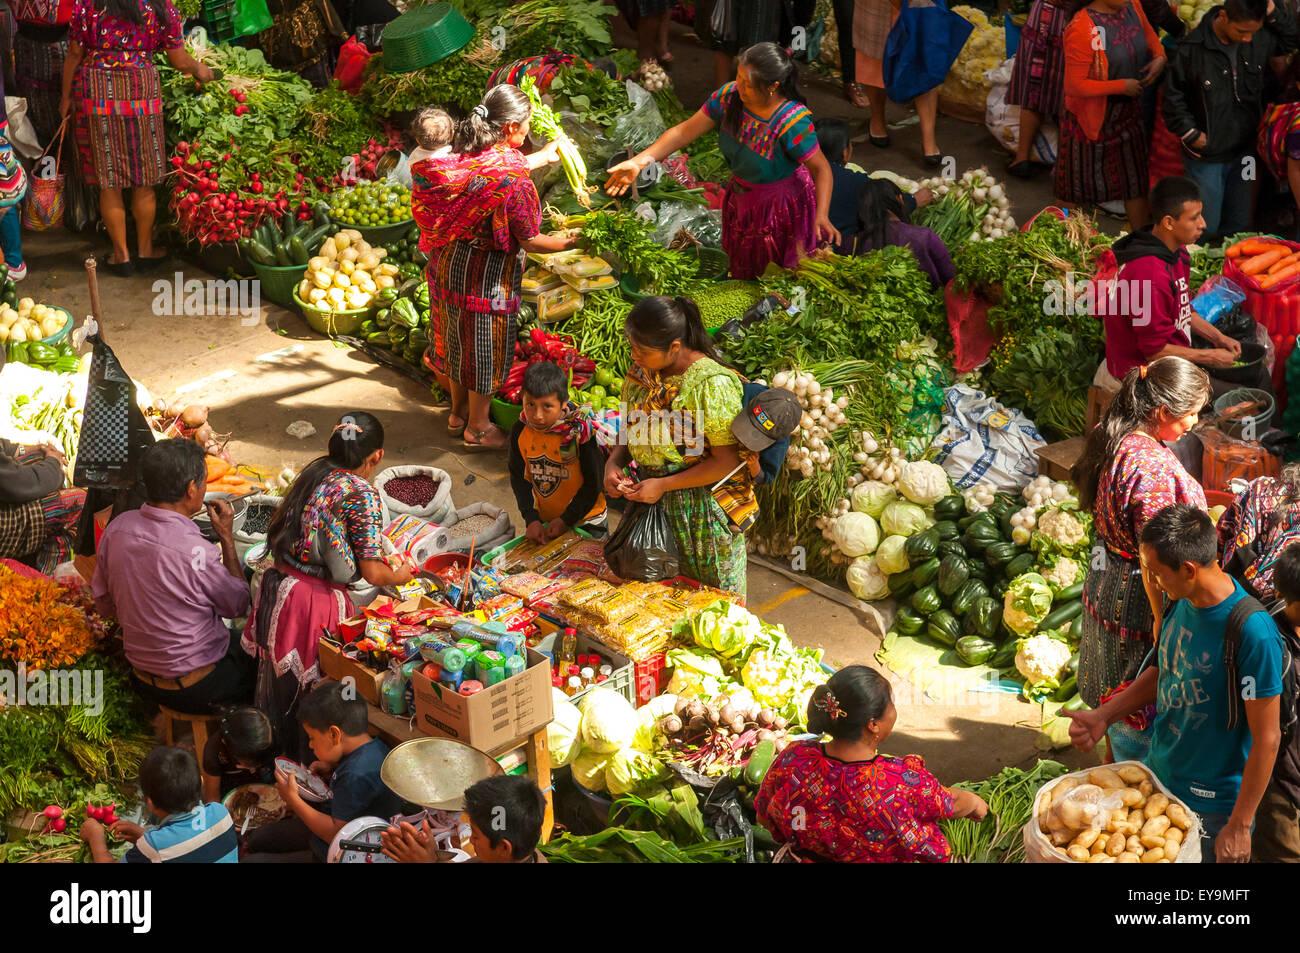 Sunday Vegetable Market, Chichicastenango, Guatemala - Stock Image